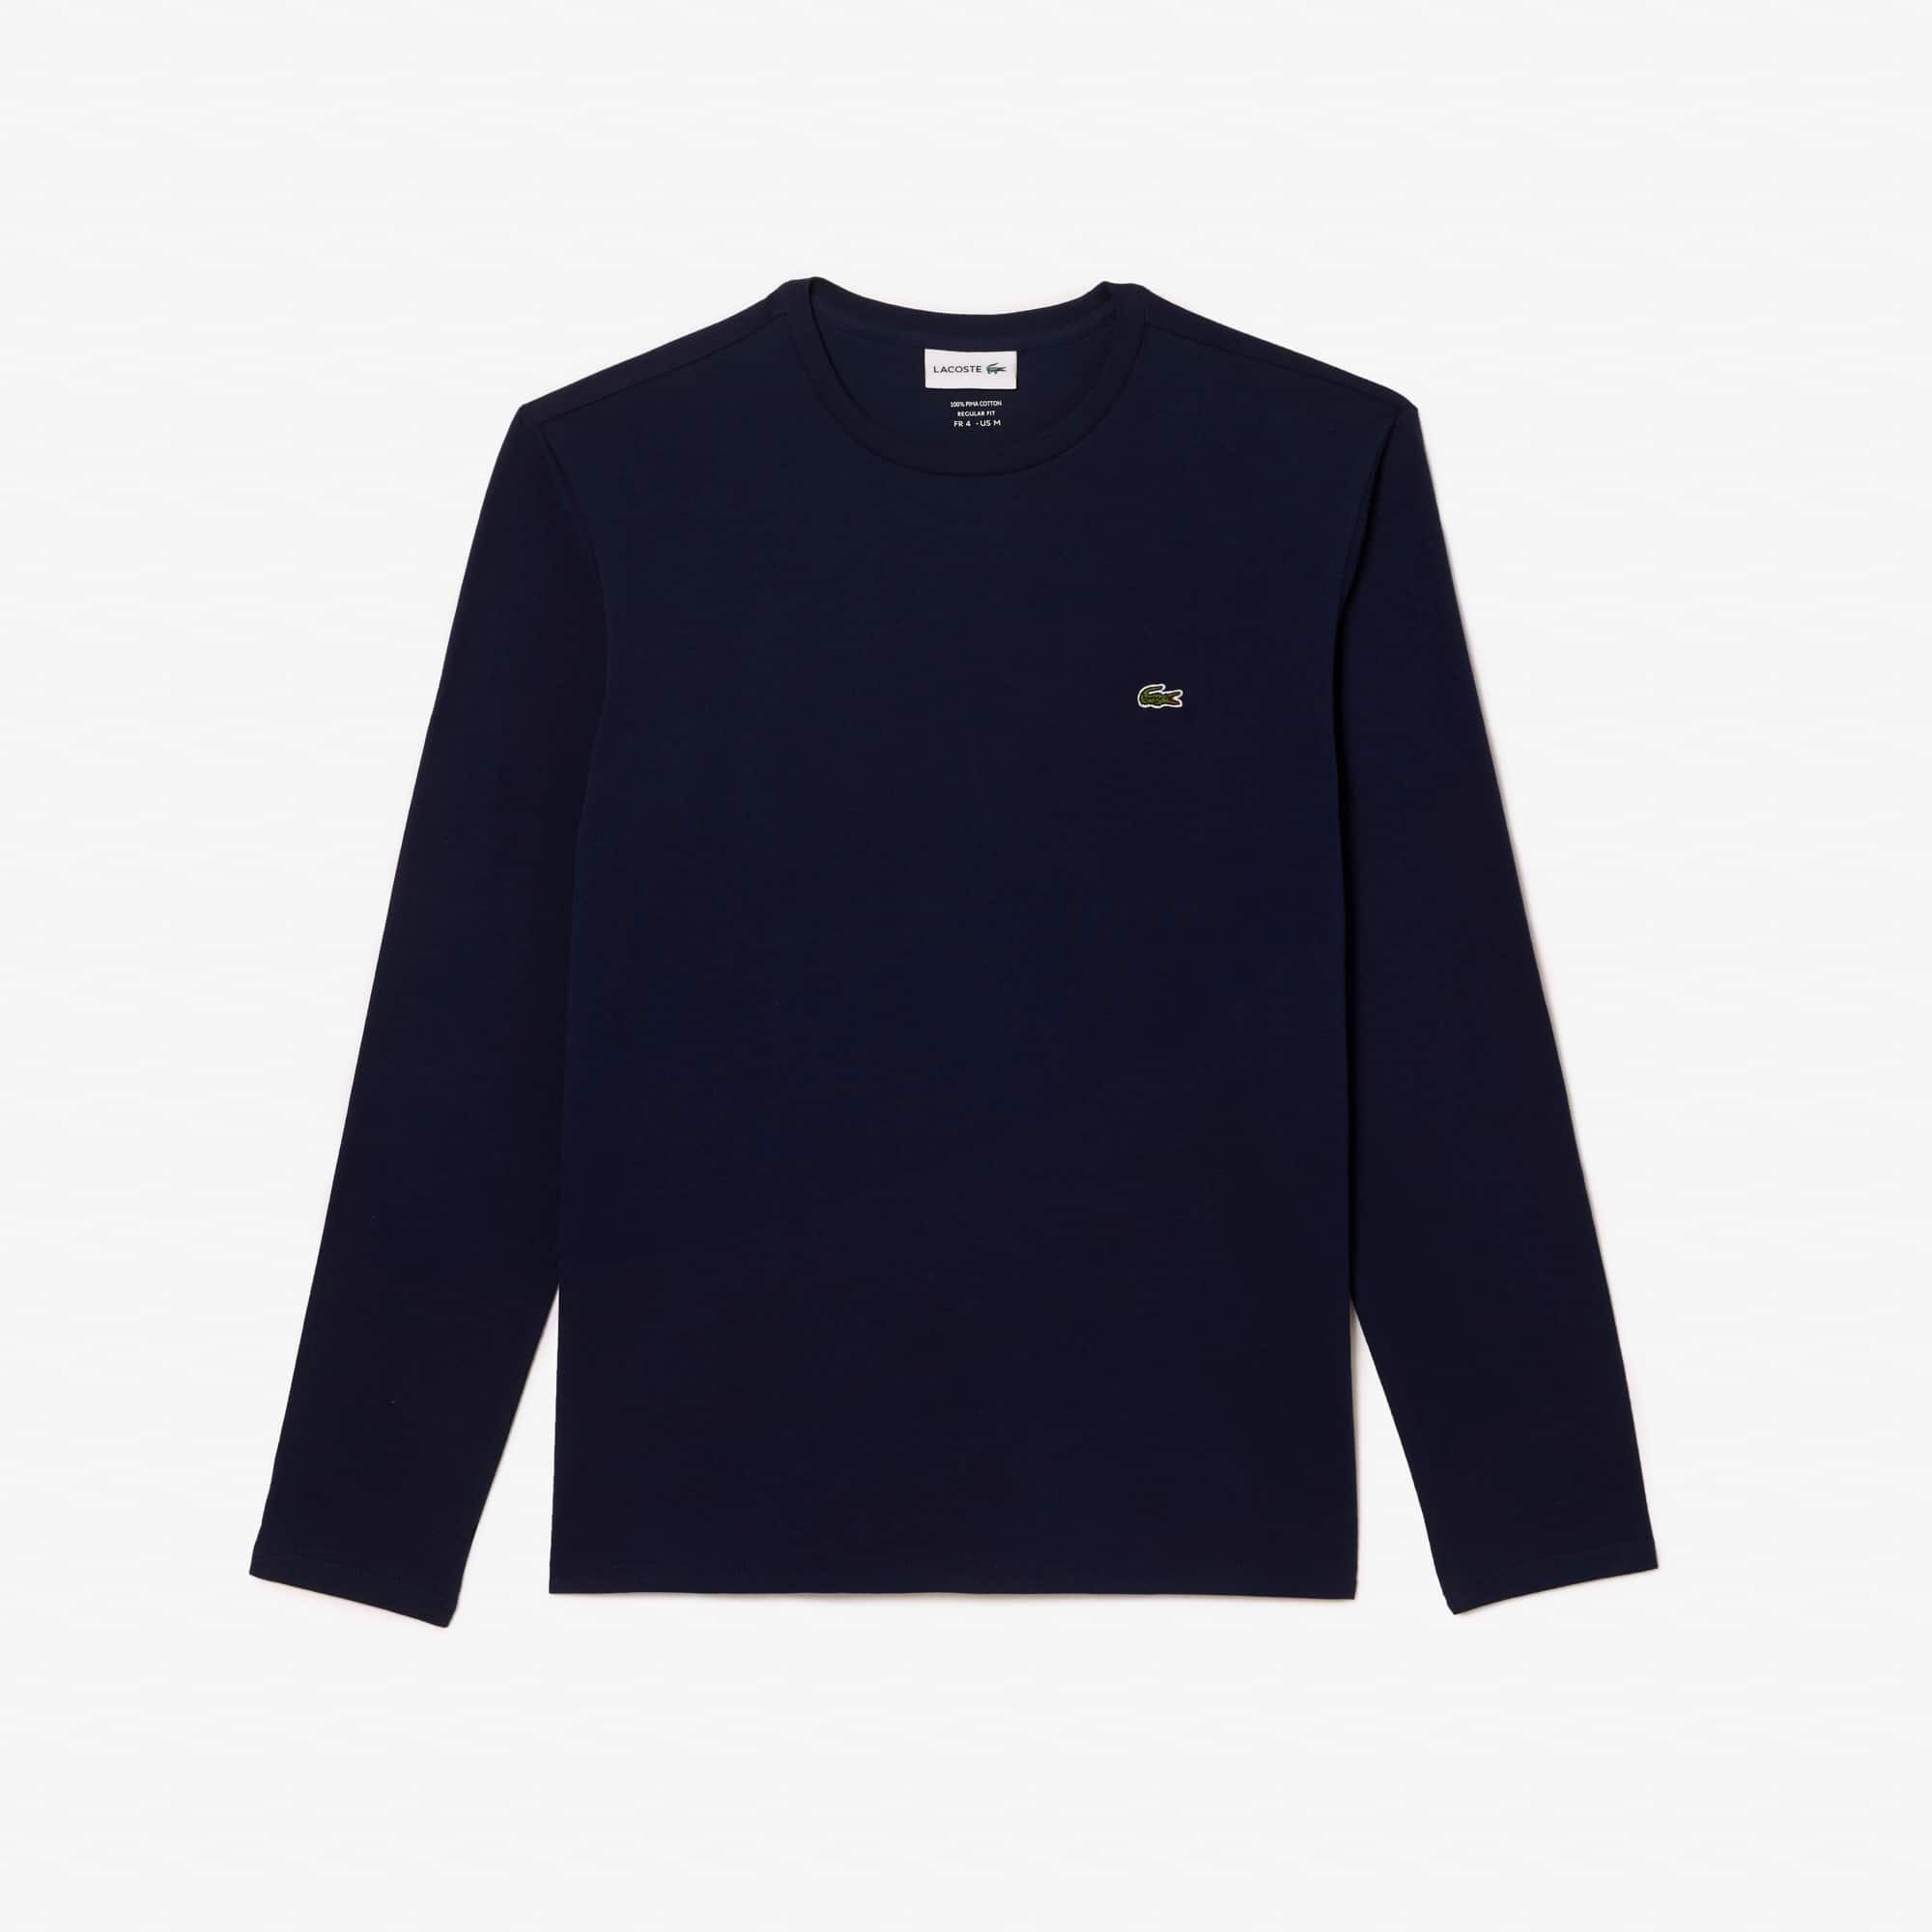 라코스테 긴팔 티셔츠 Lacoste Mens Crew Neck Pima Cotton Jersey T-shirt,navy blue